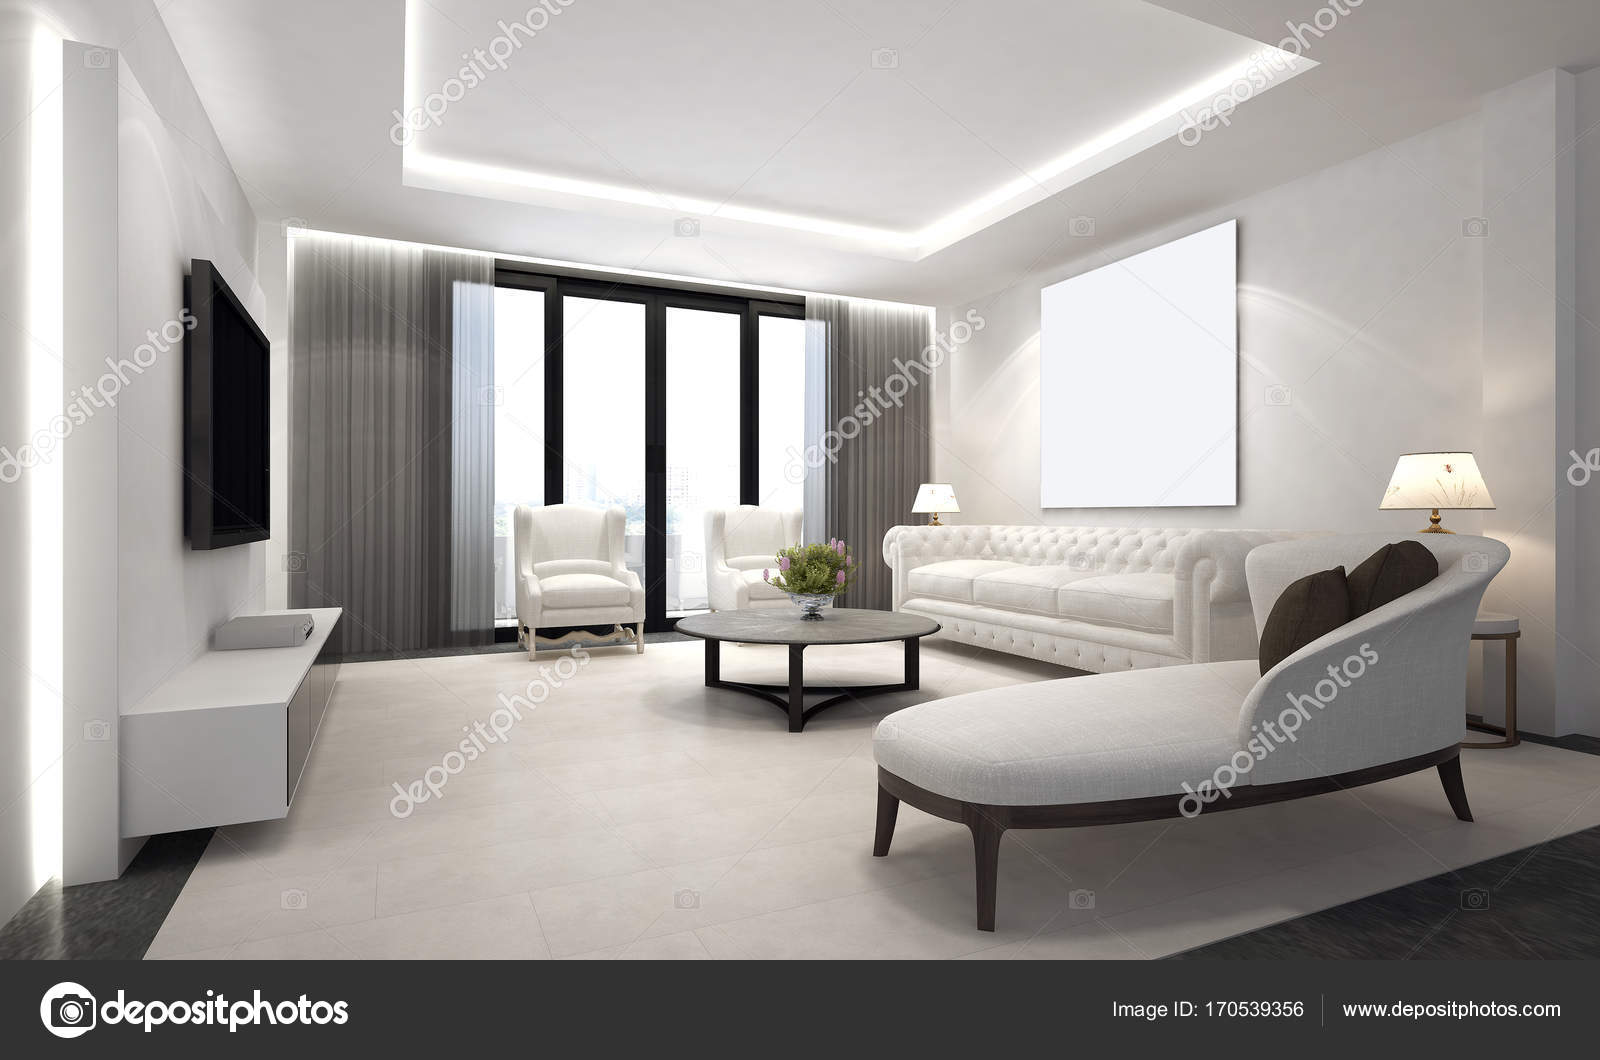 Das Luxus-Lounge und Wohnzimmer Interior design — Stockfoto ...